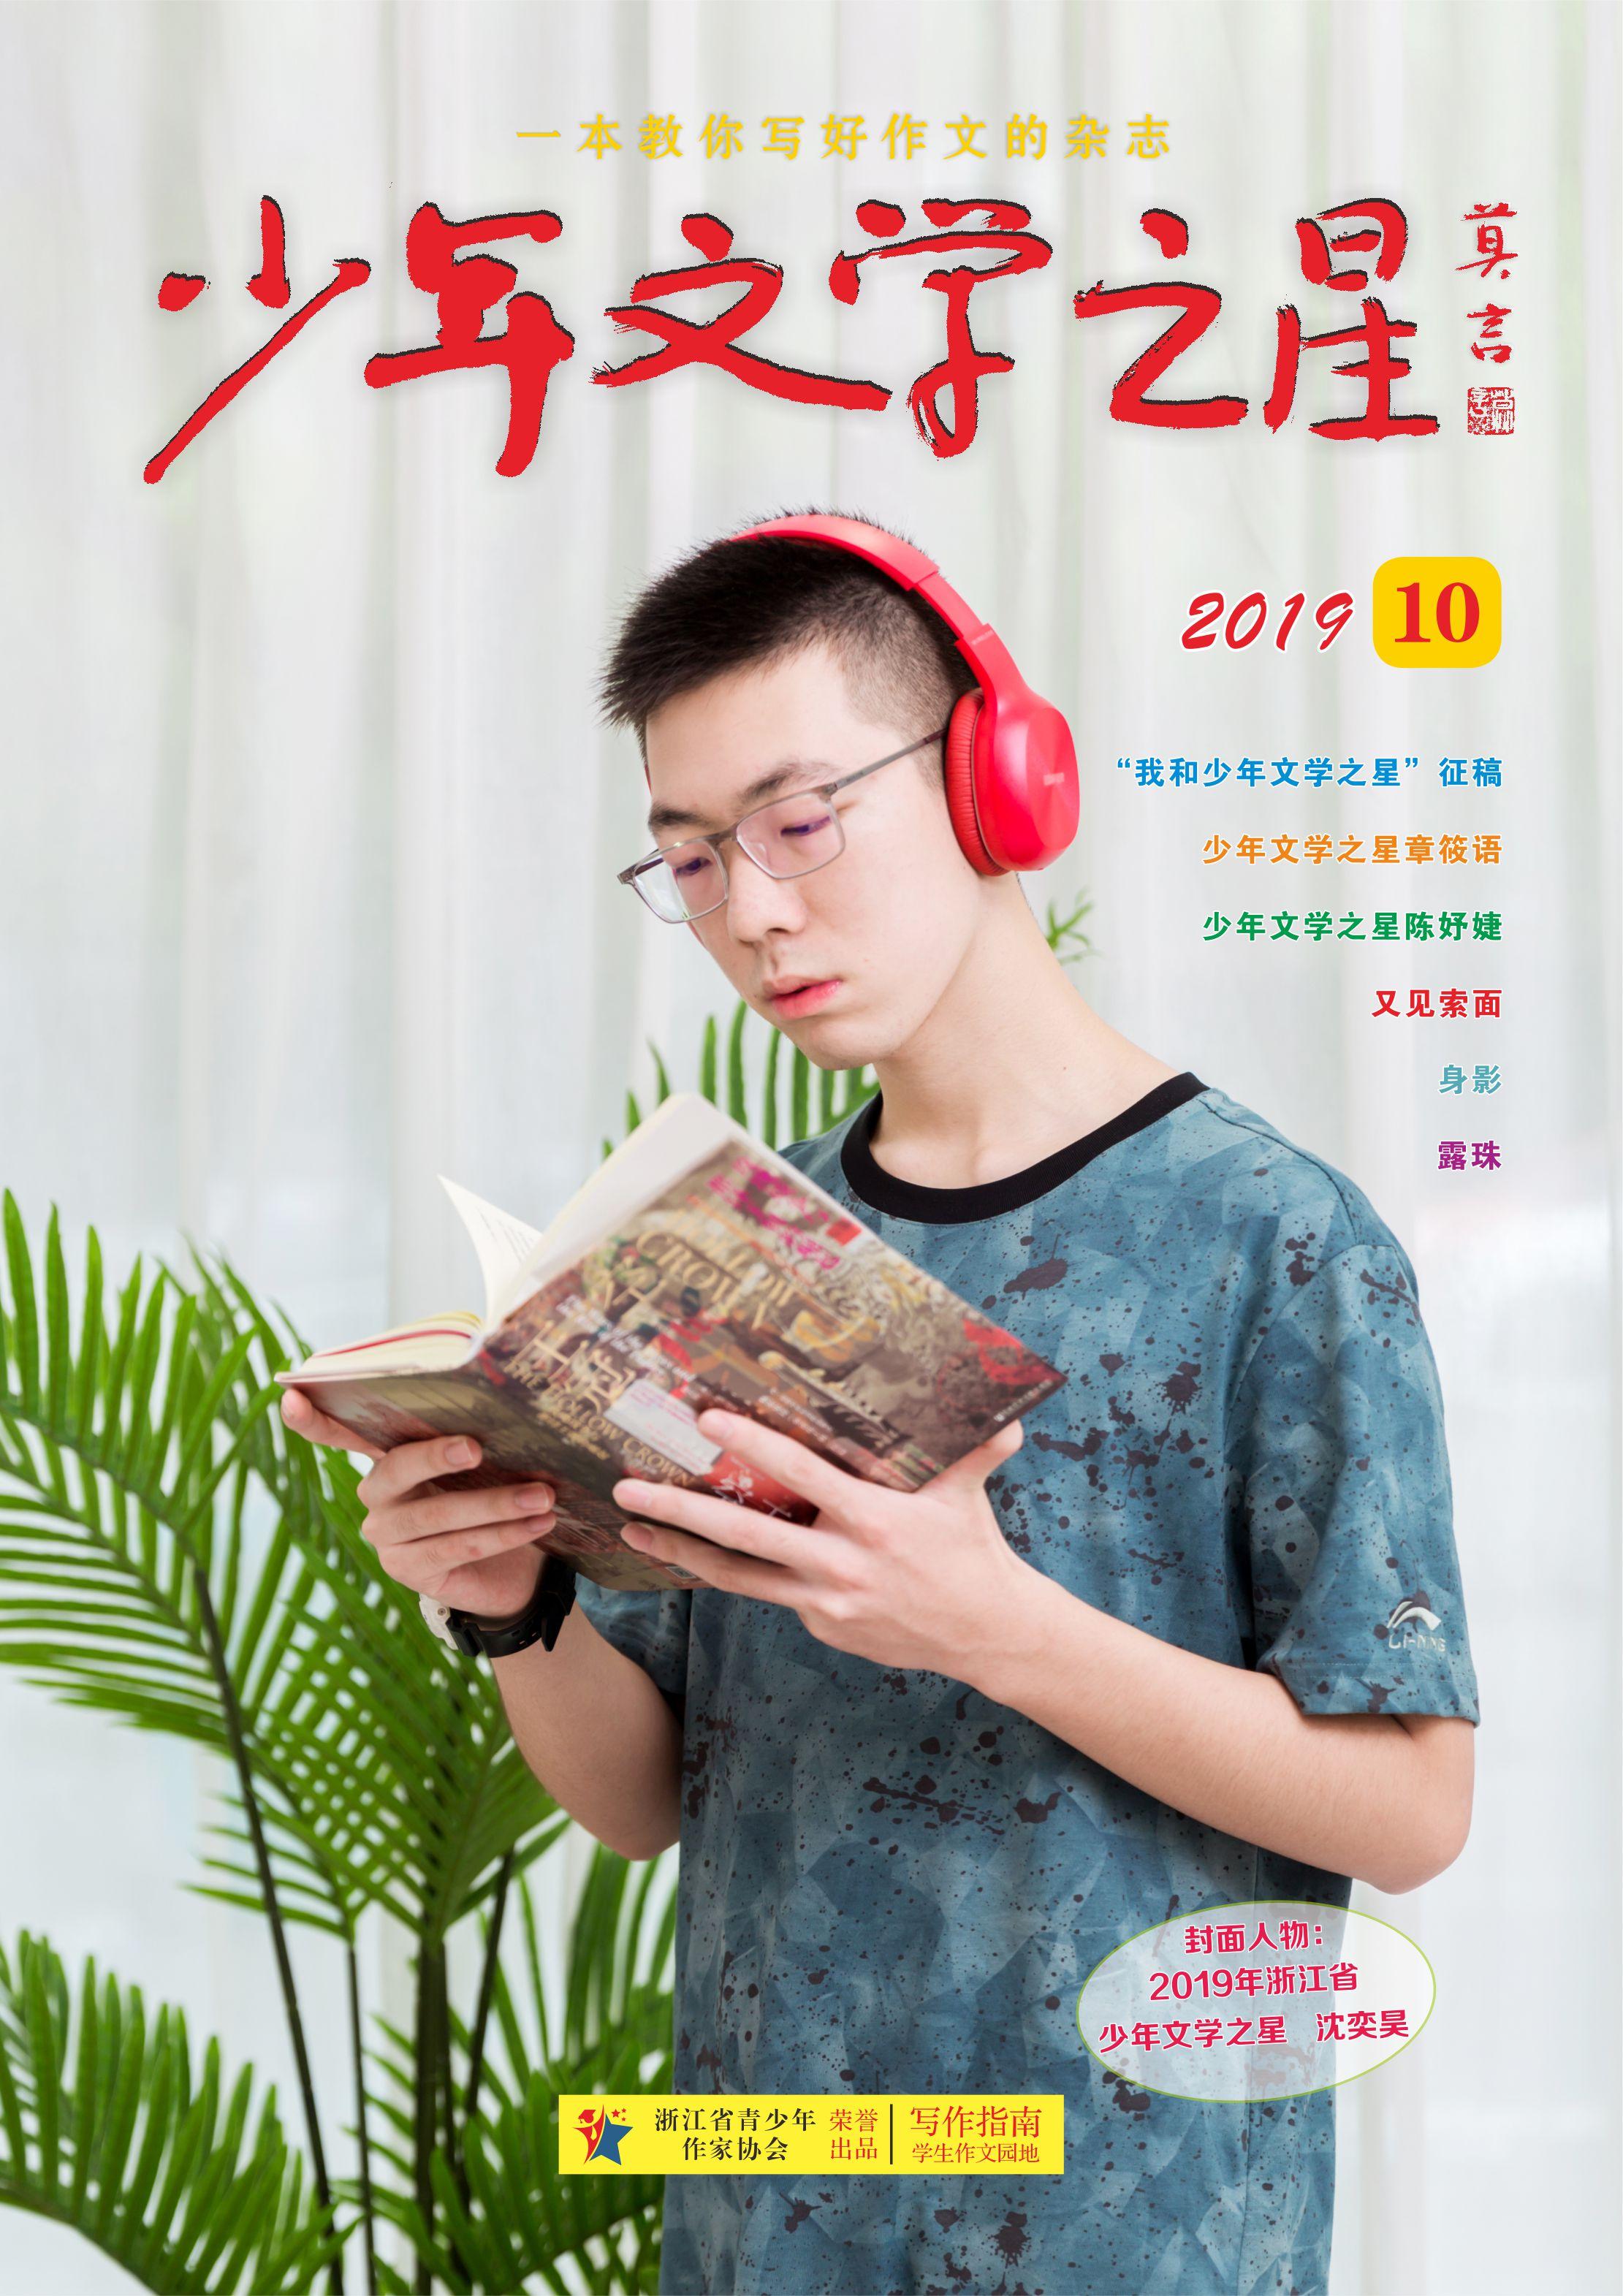 《少年文学之星》2019年10月刊